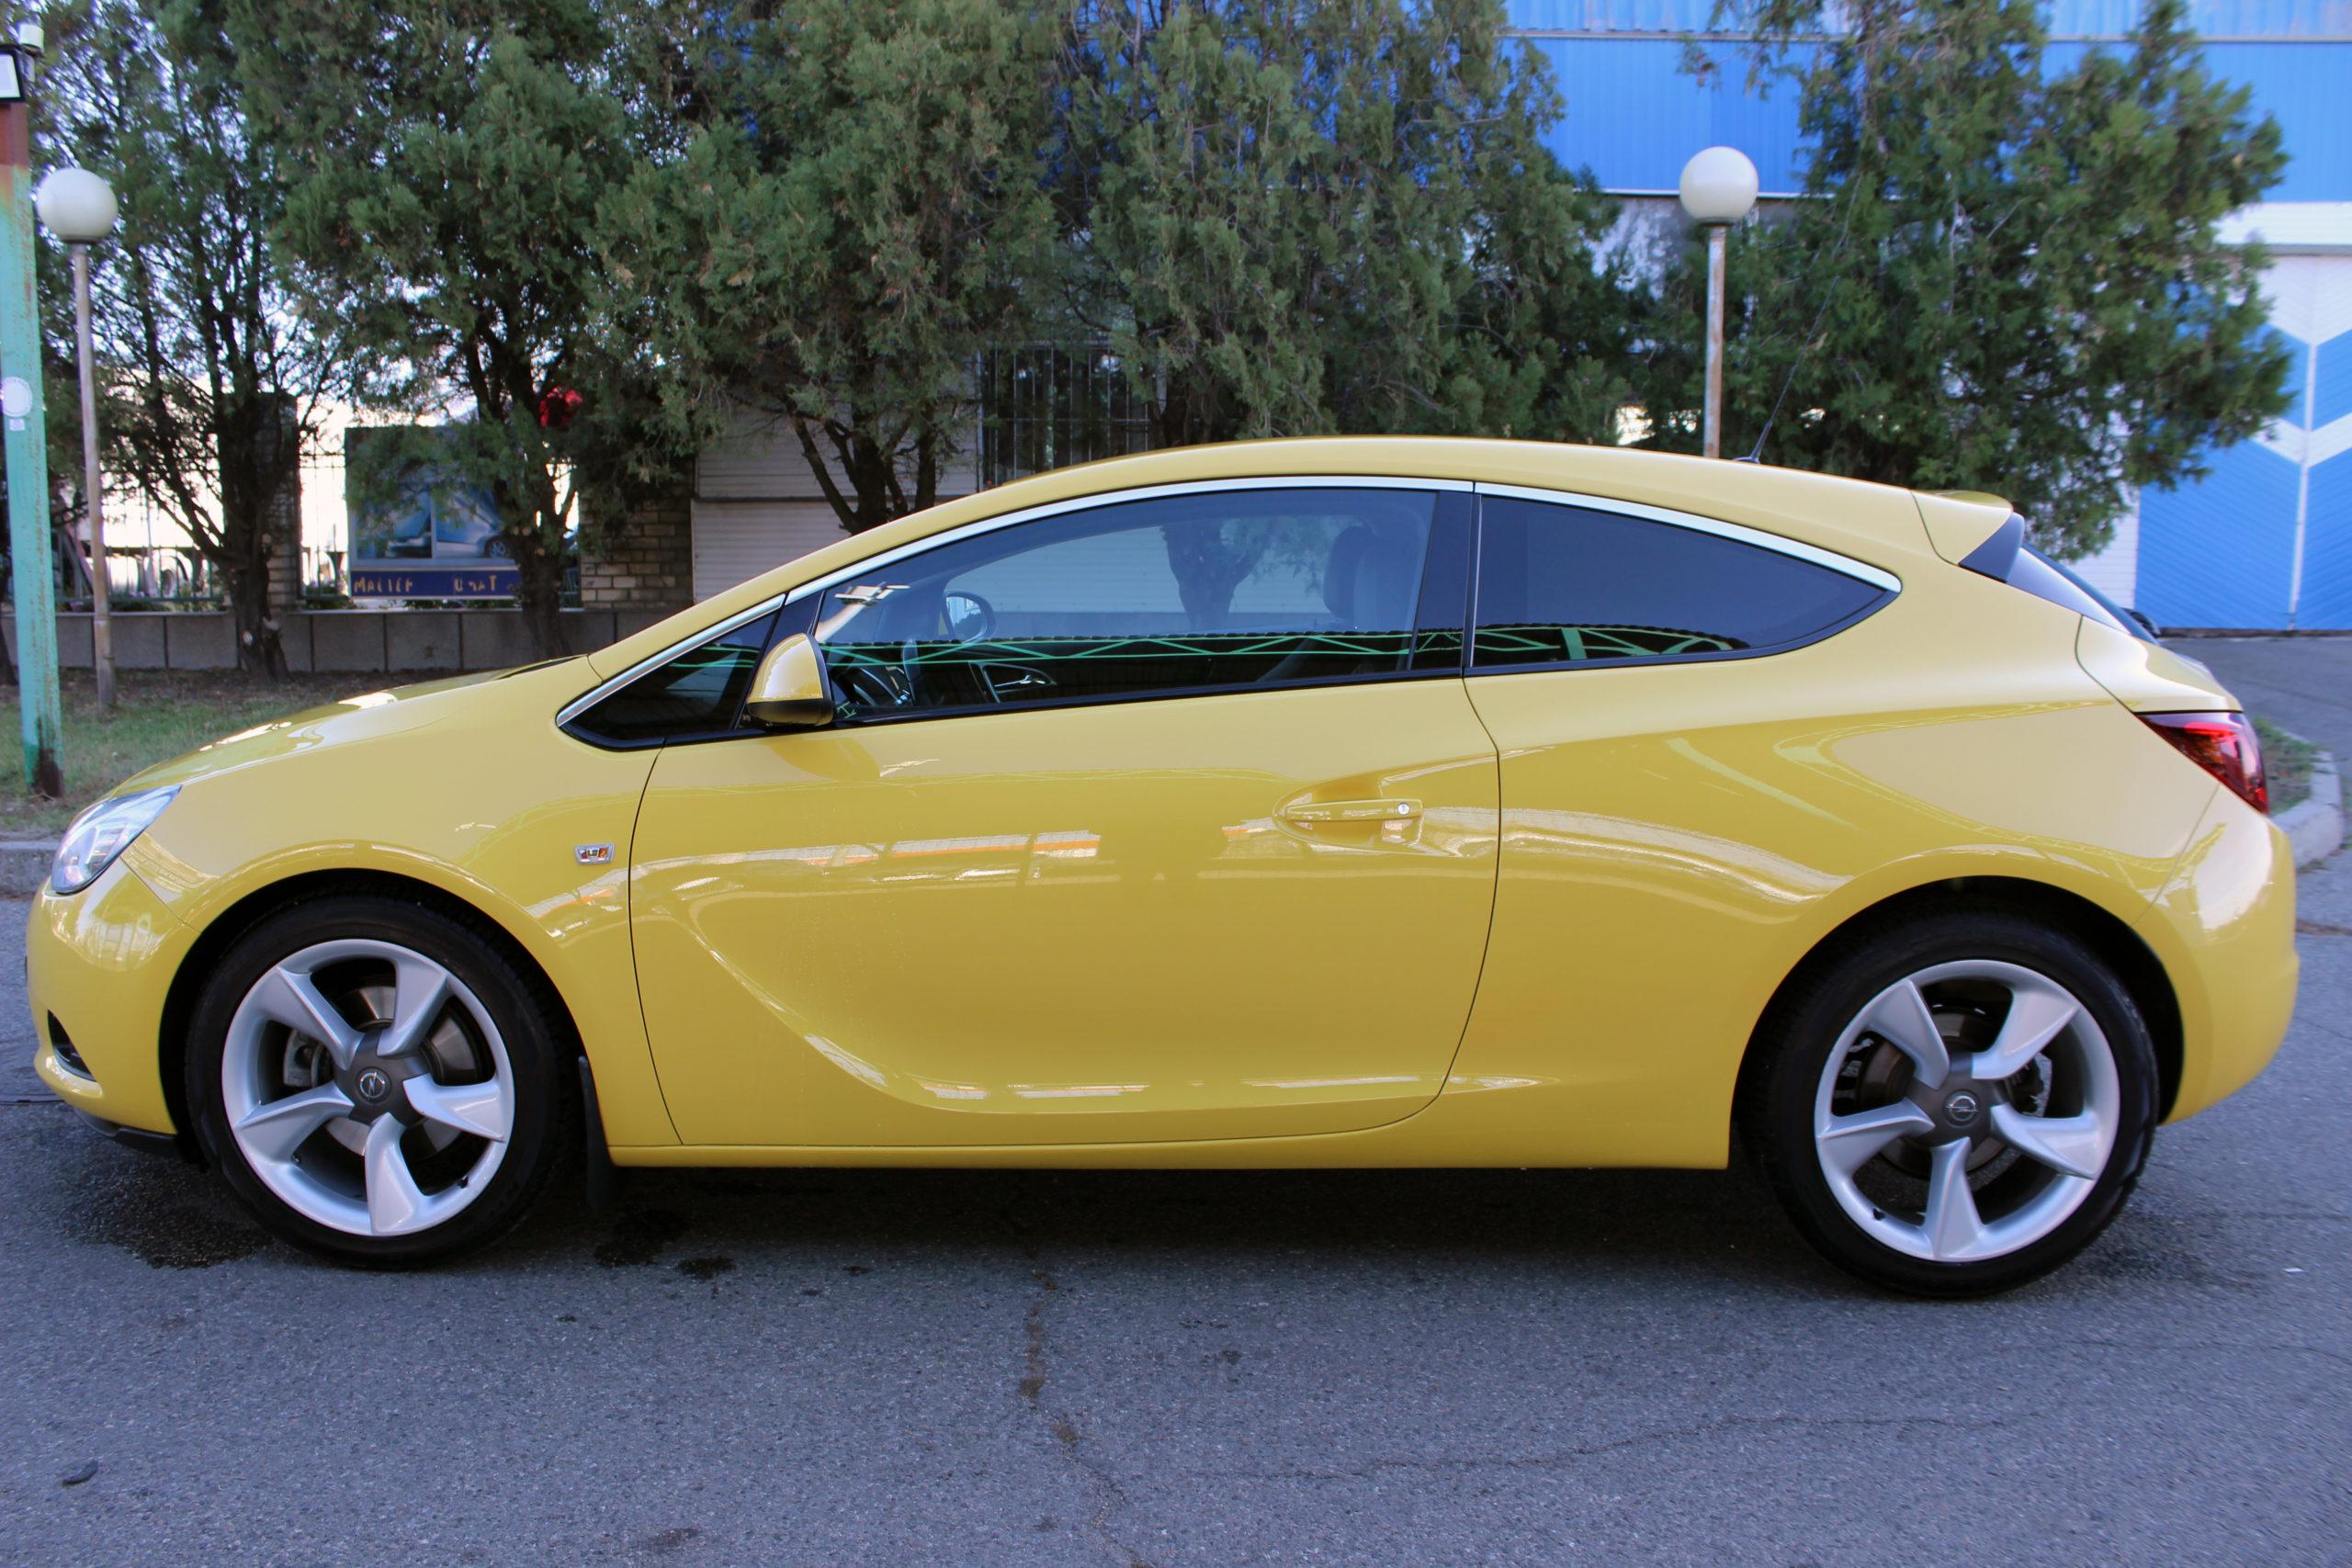 Купить Opel Astra GTC (Жёлтый) - Автопарк Ставрополь